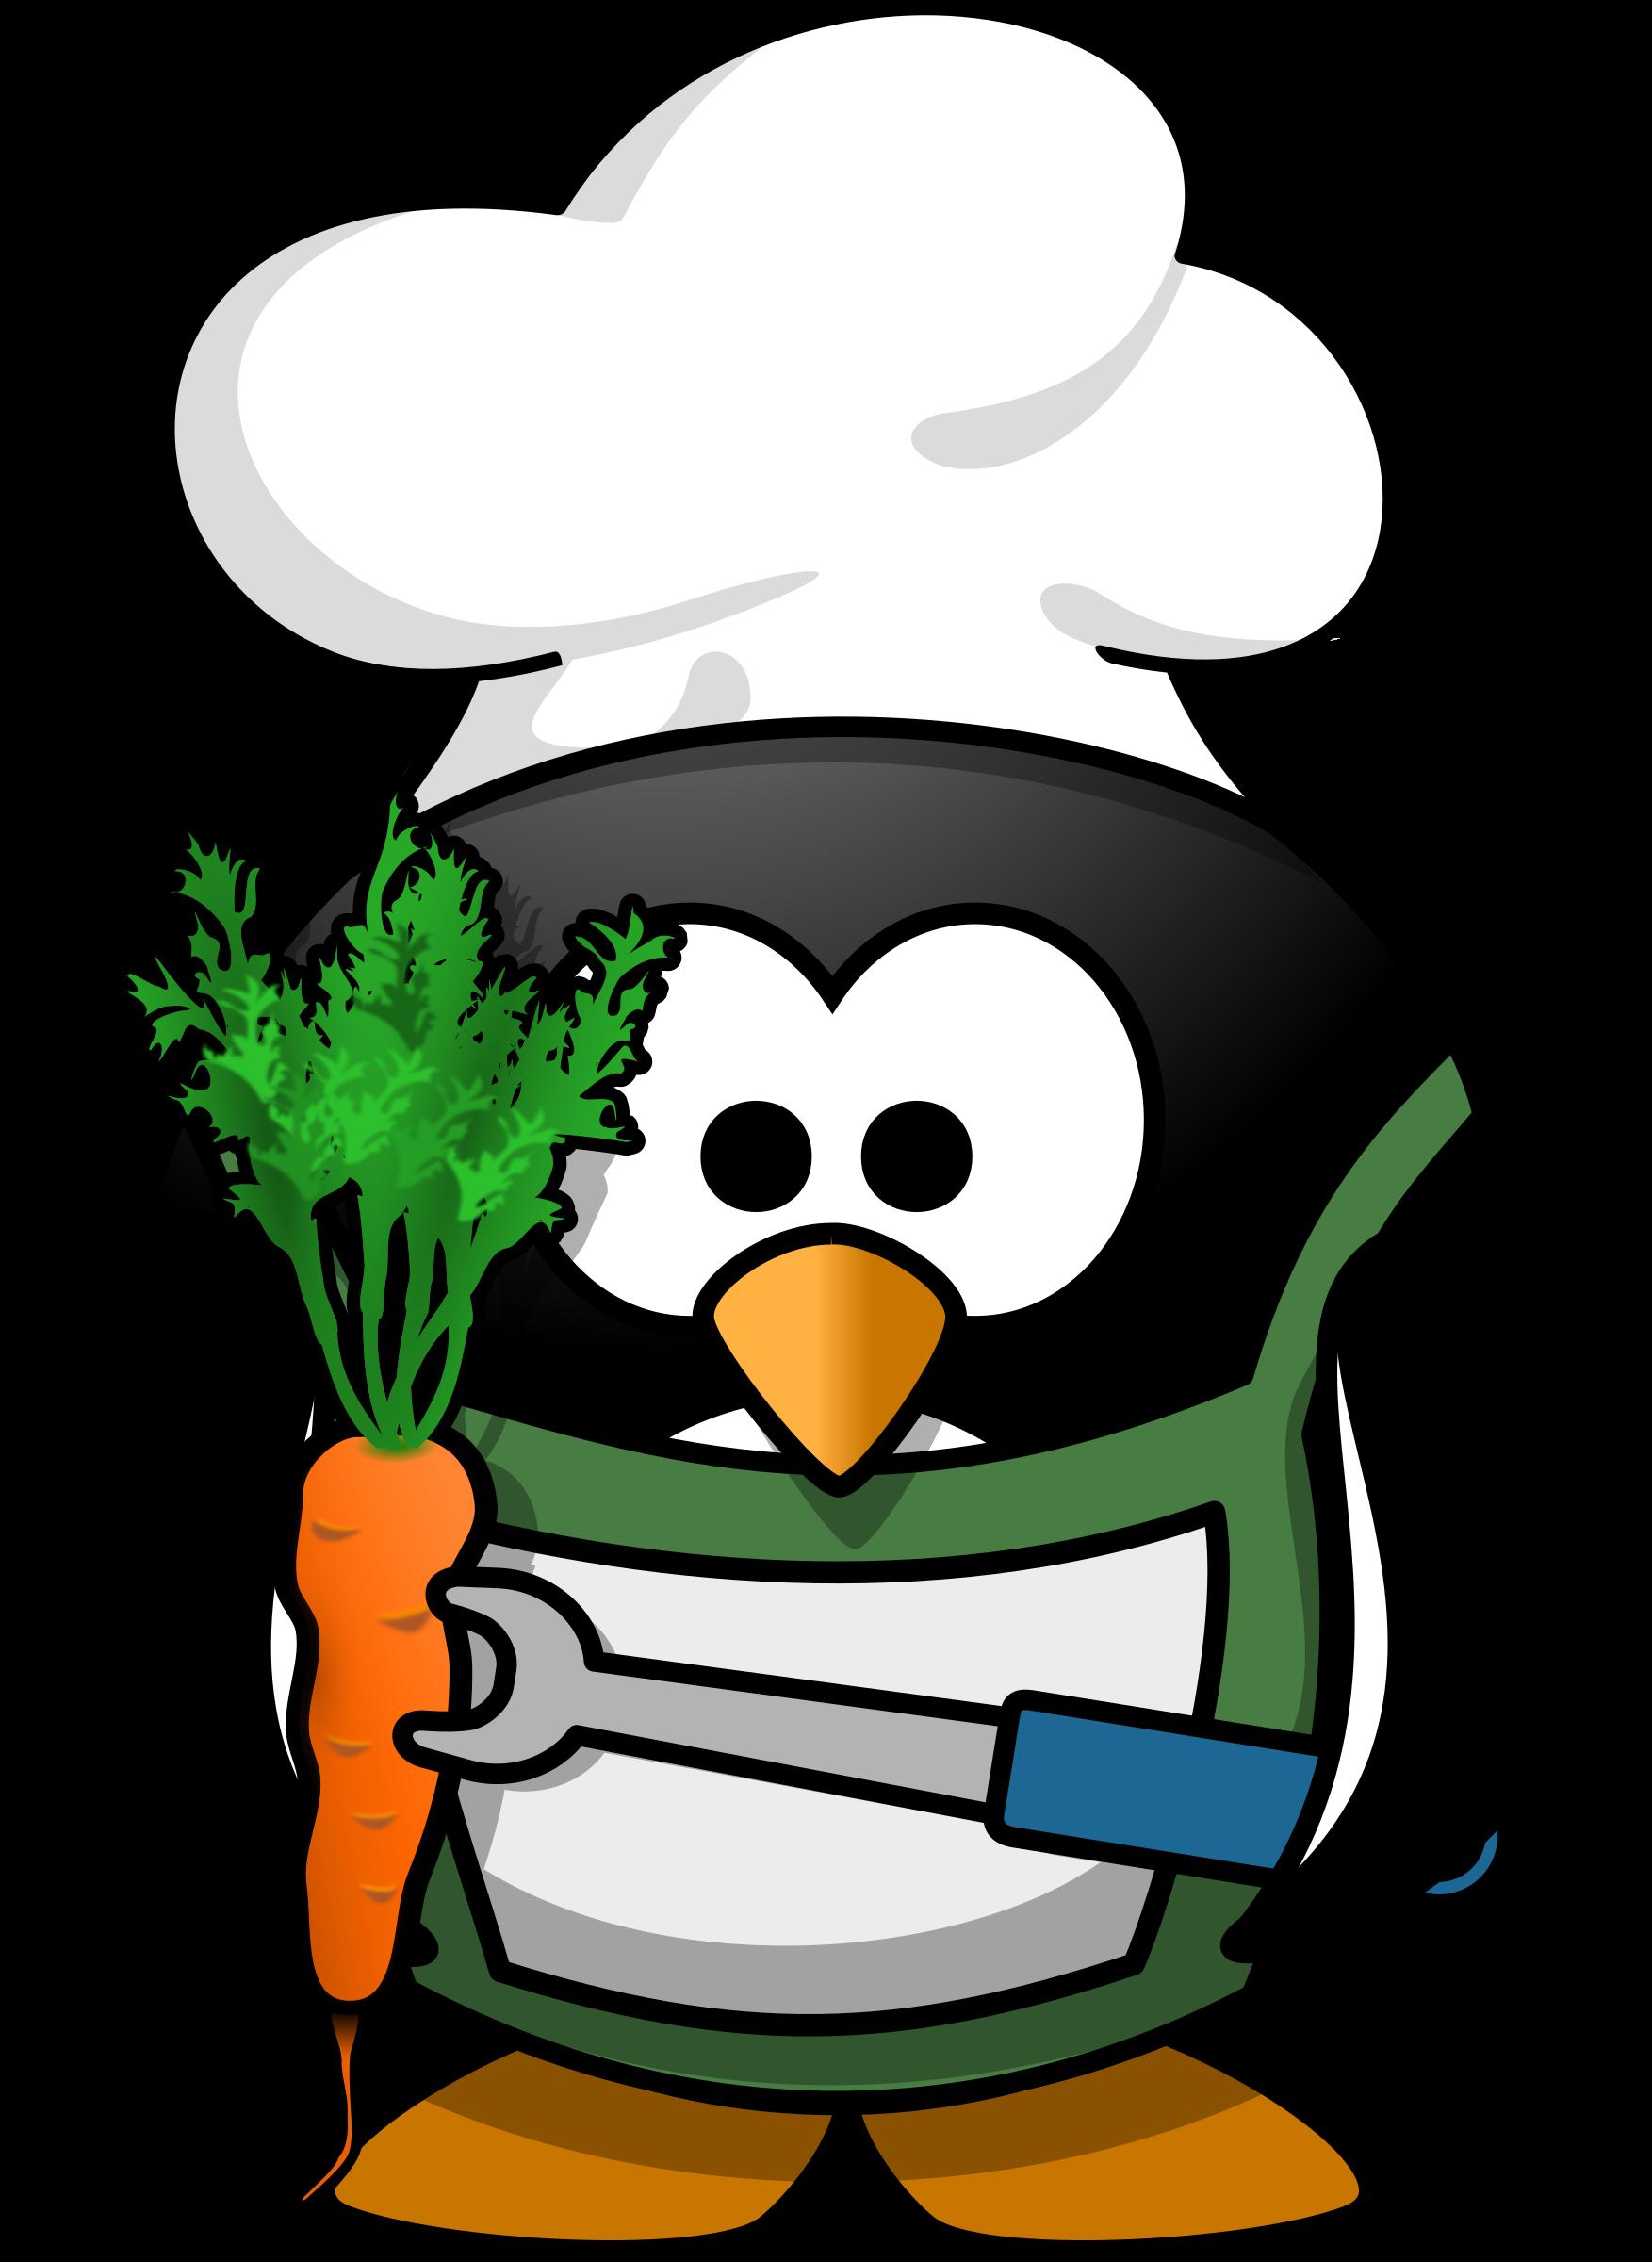 Clipart penquin illustration. Veggie penguin big image